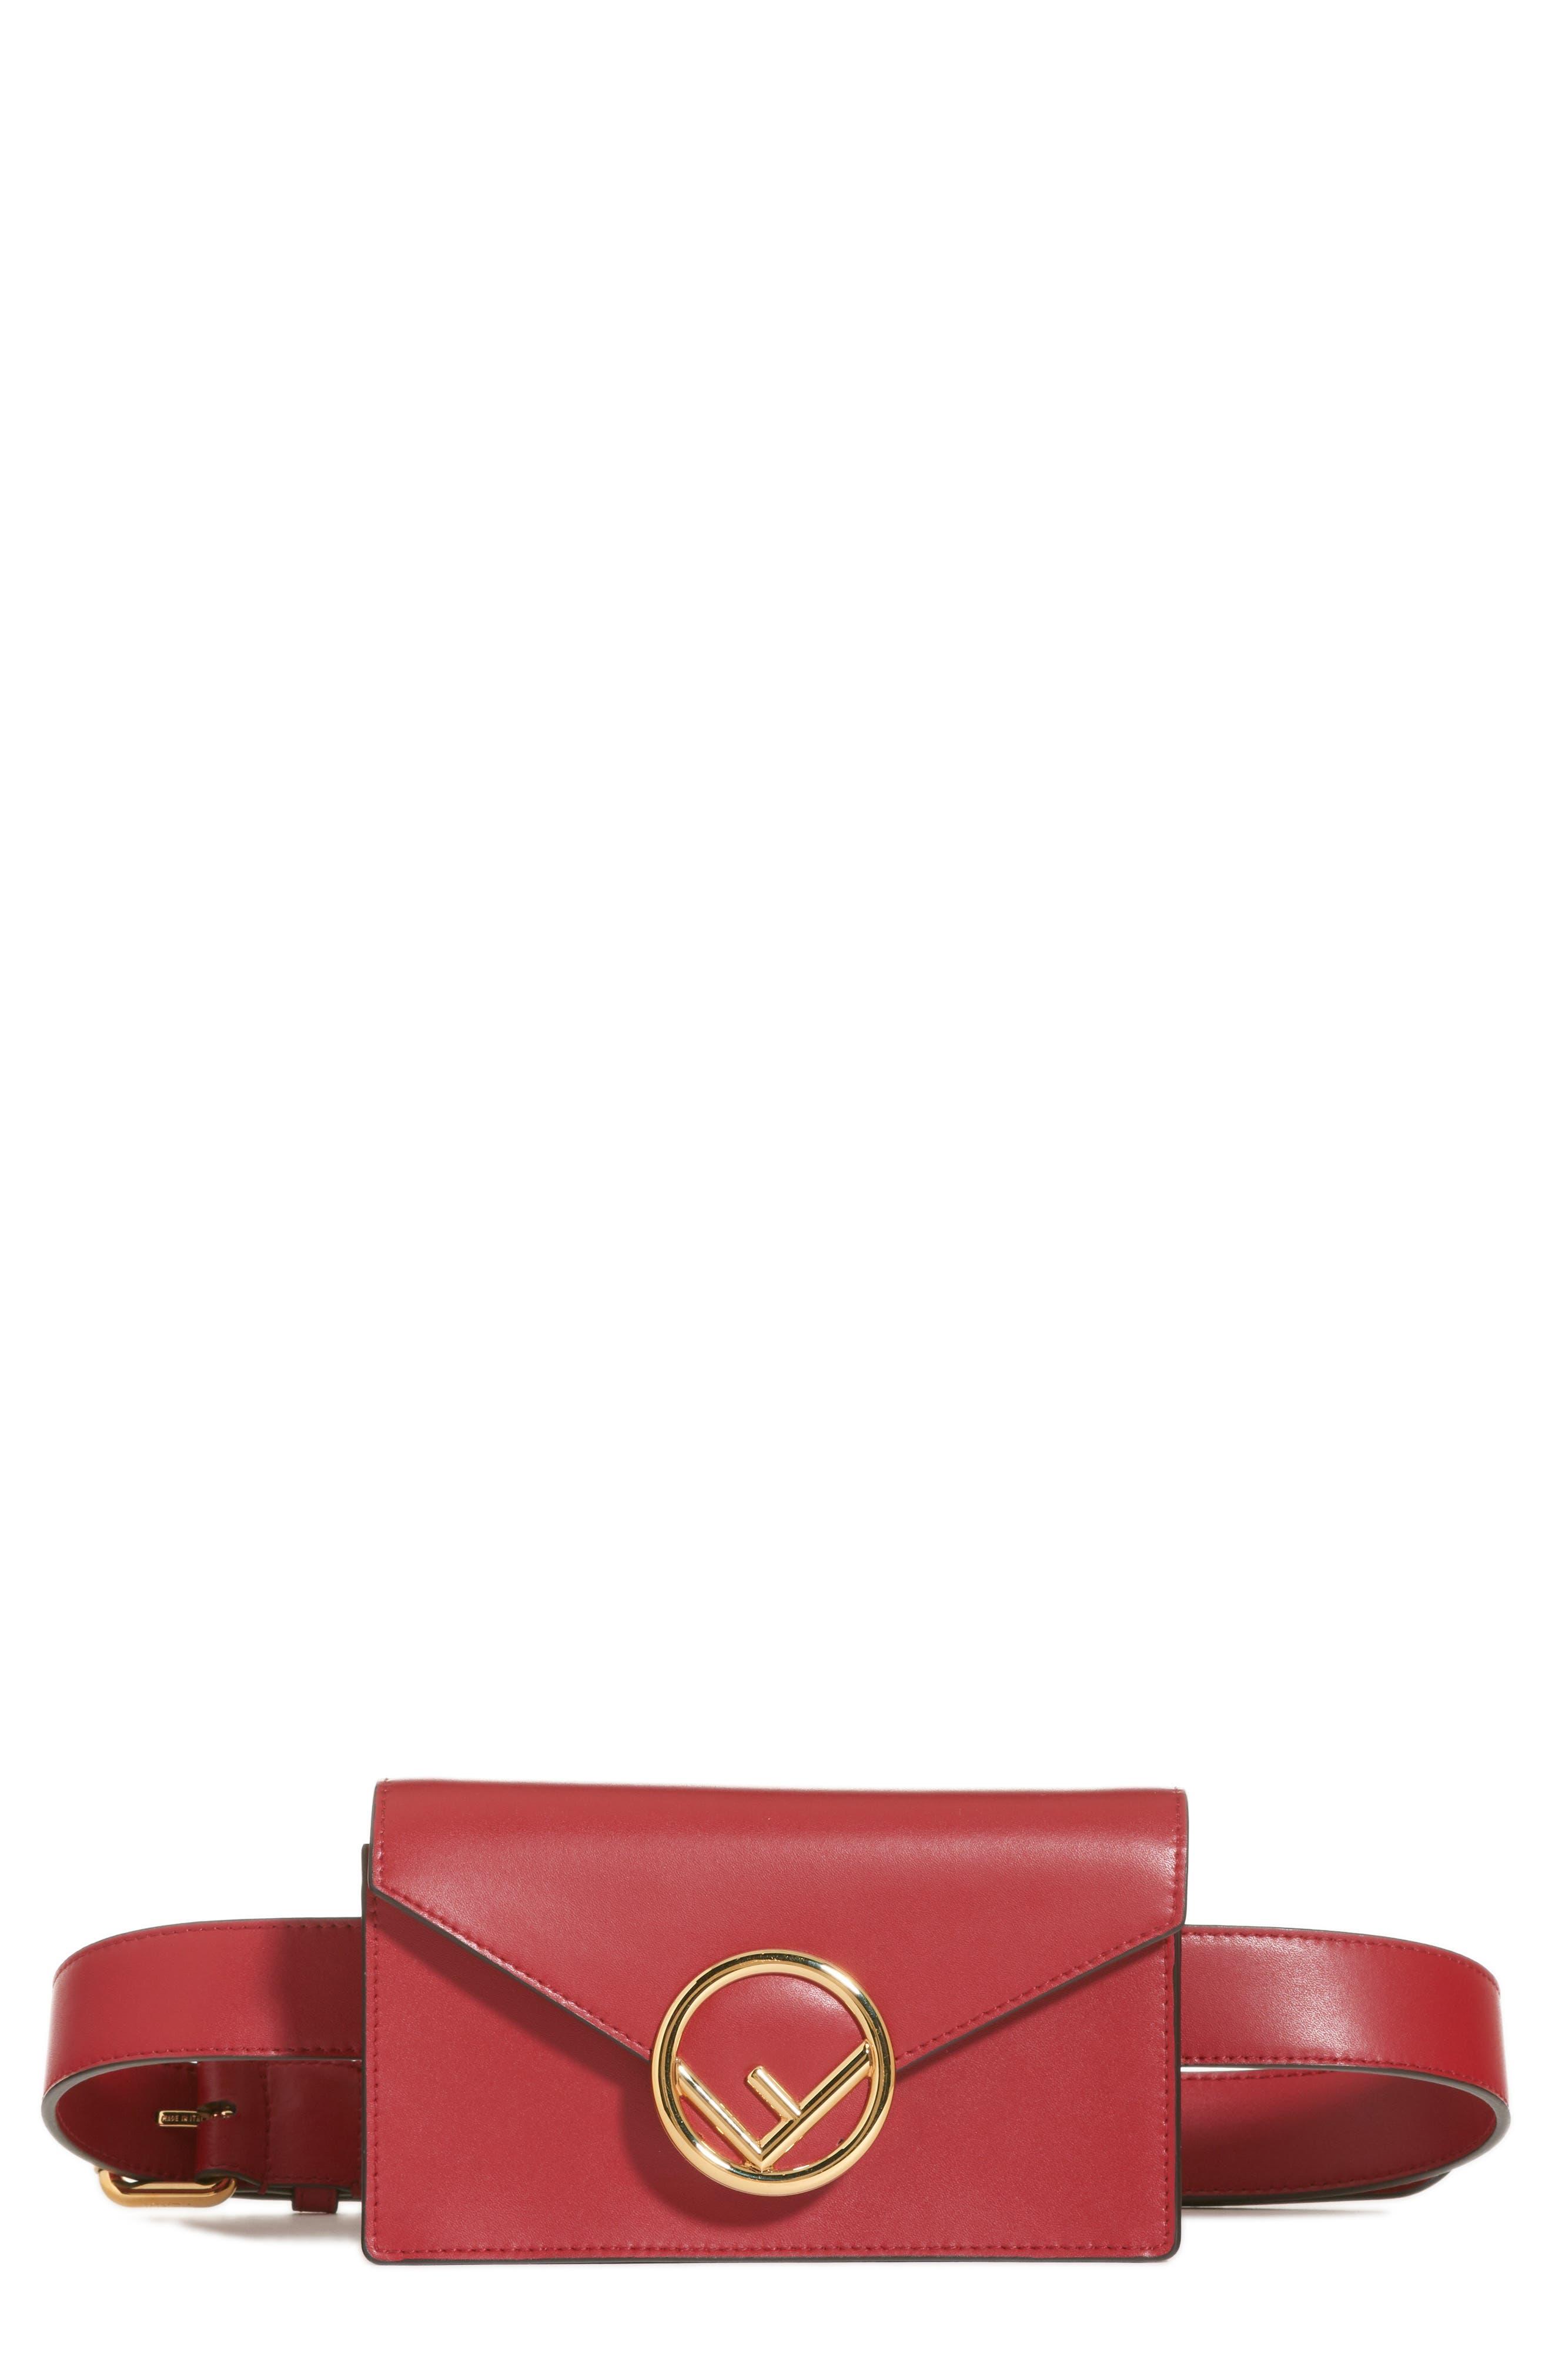 62125b9ad8963 ... new zealand fendi liberty logo calfskin leather belt bag e7b65 9c2ec